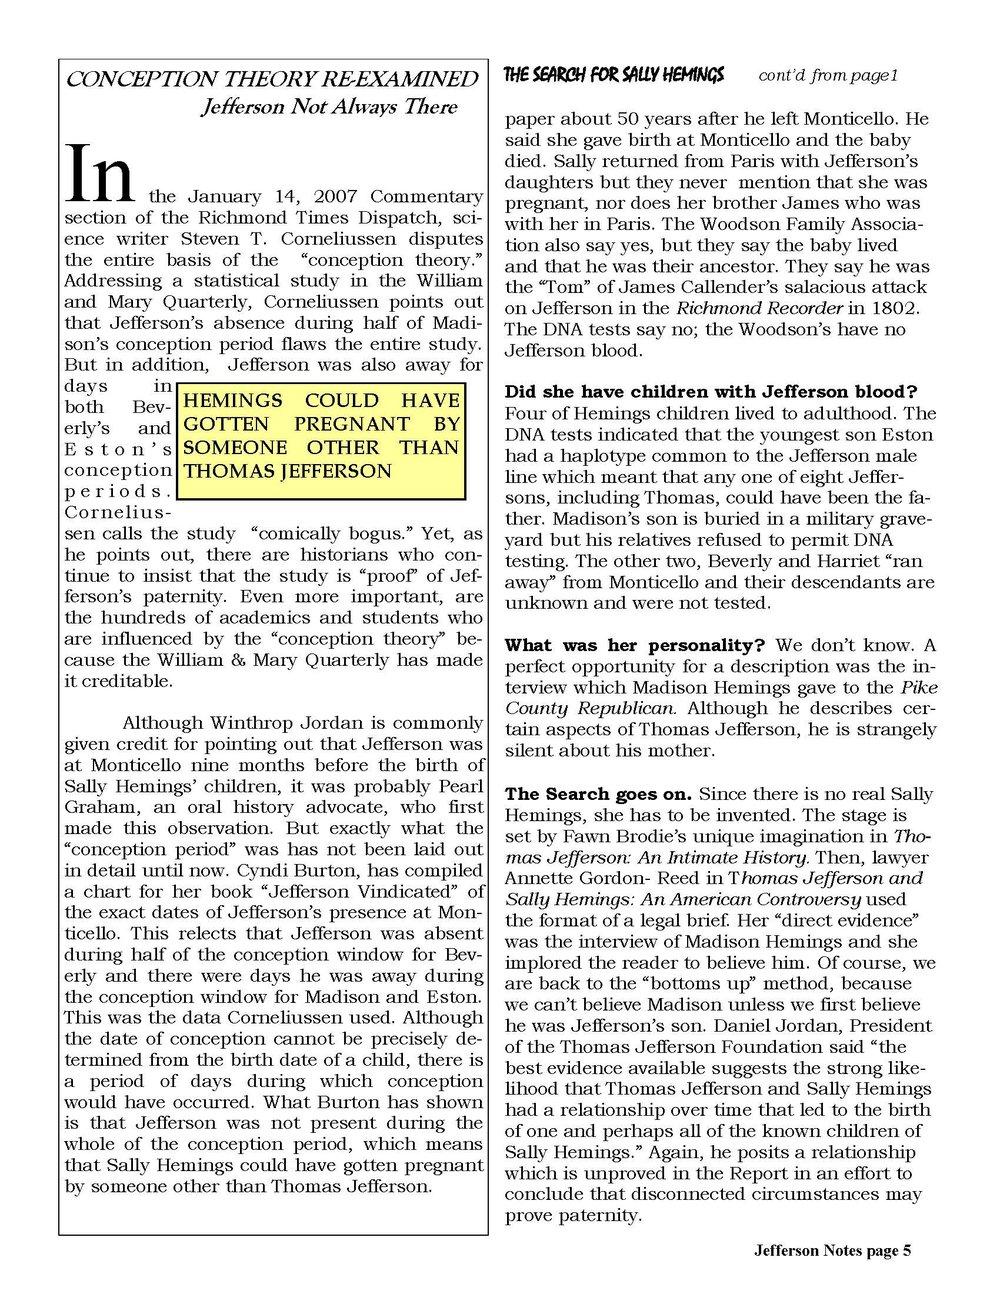 JNotesSpring2007_Page_5.jpg